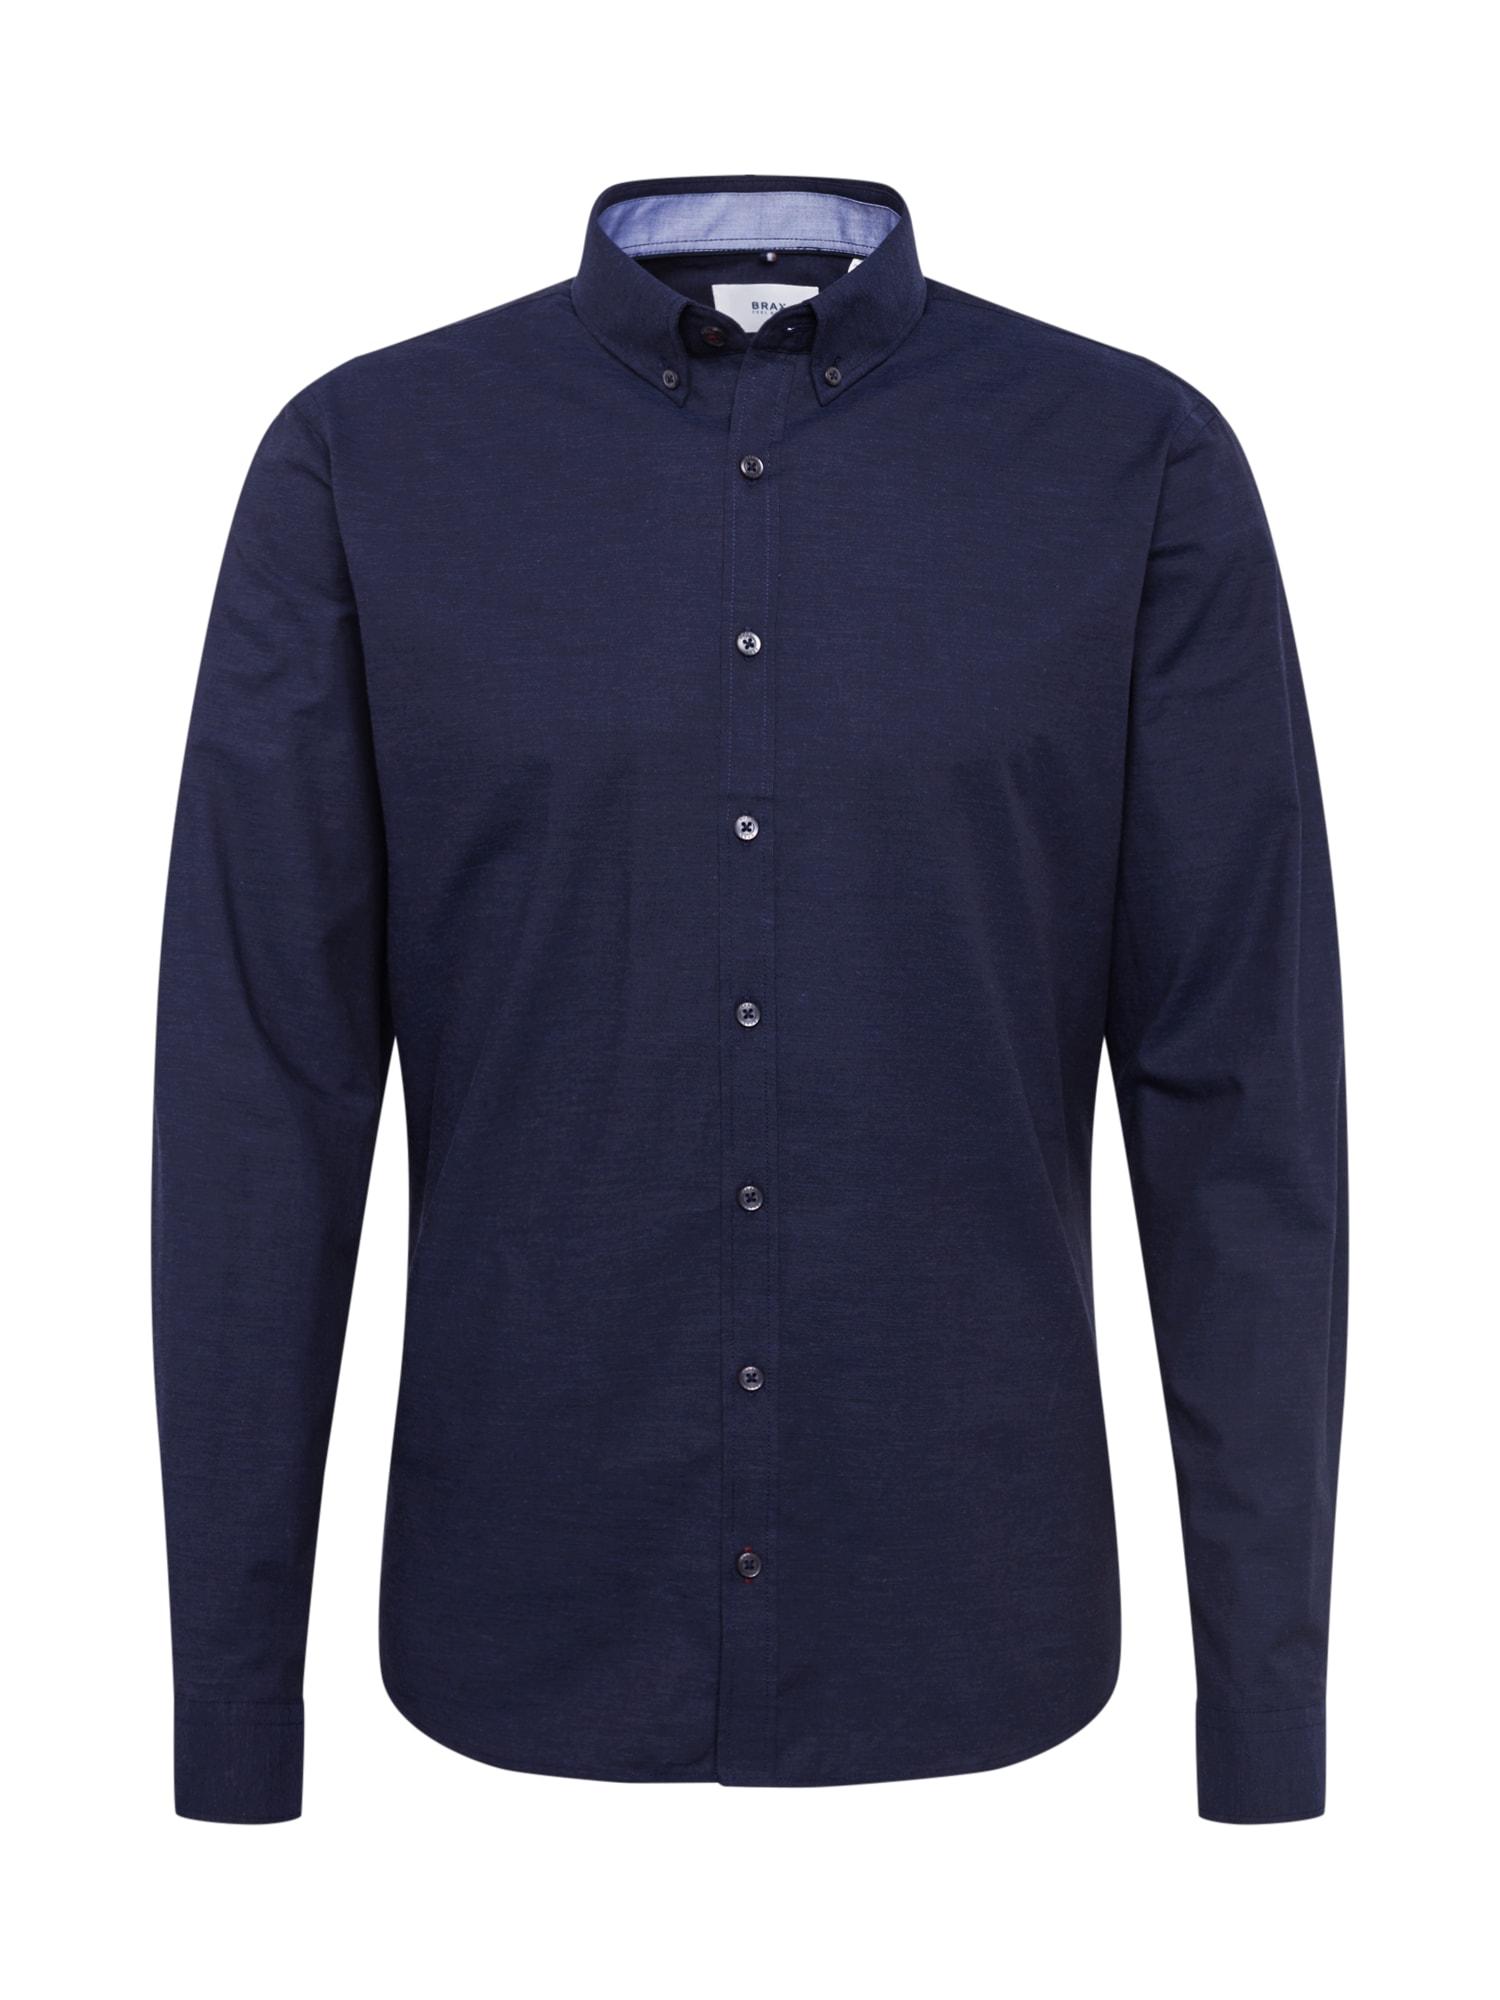 BRAX Dalykiniai marškiniai 'Daniel' tamsiai mėlyna